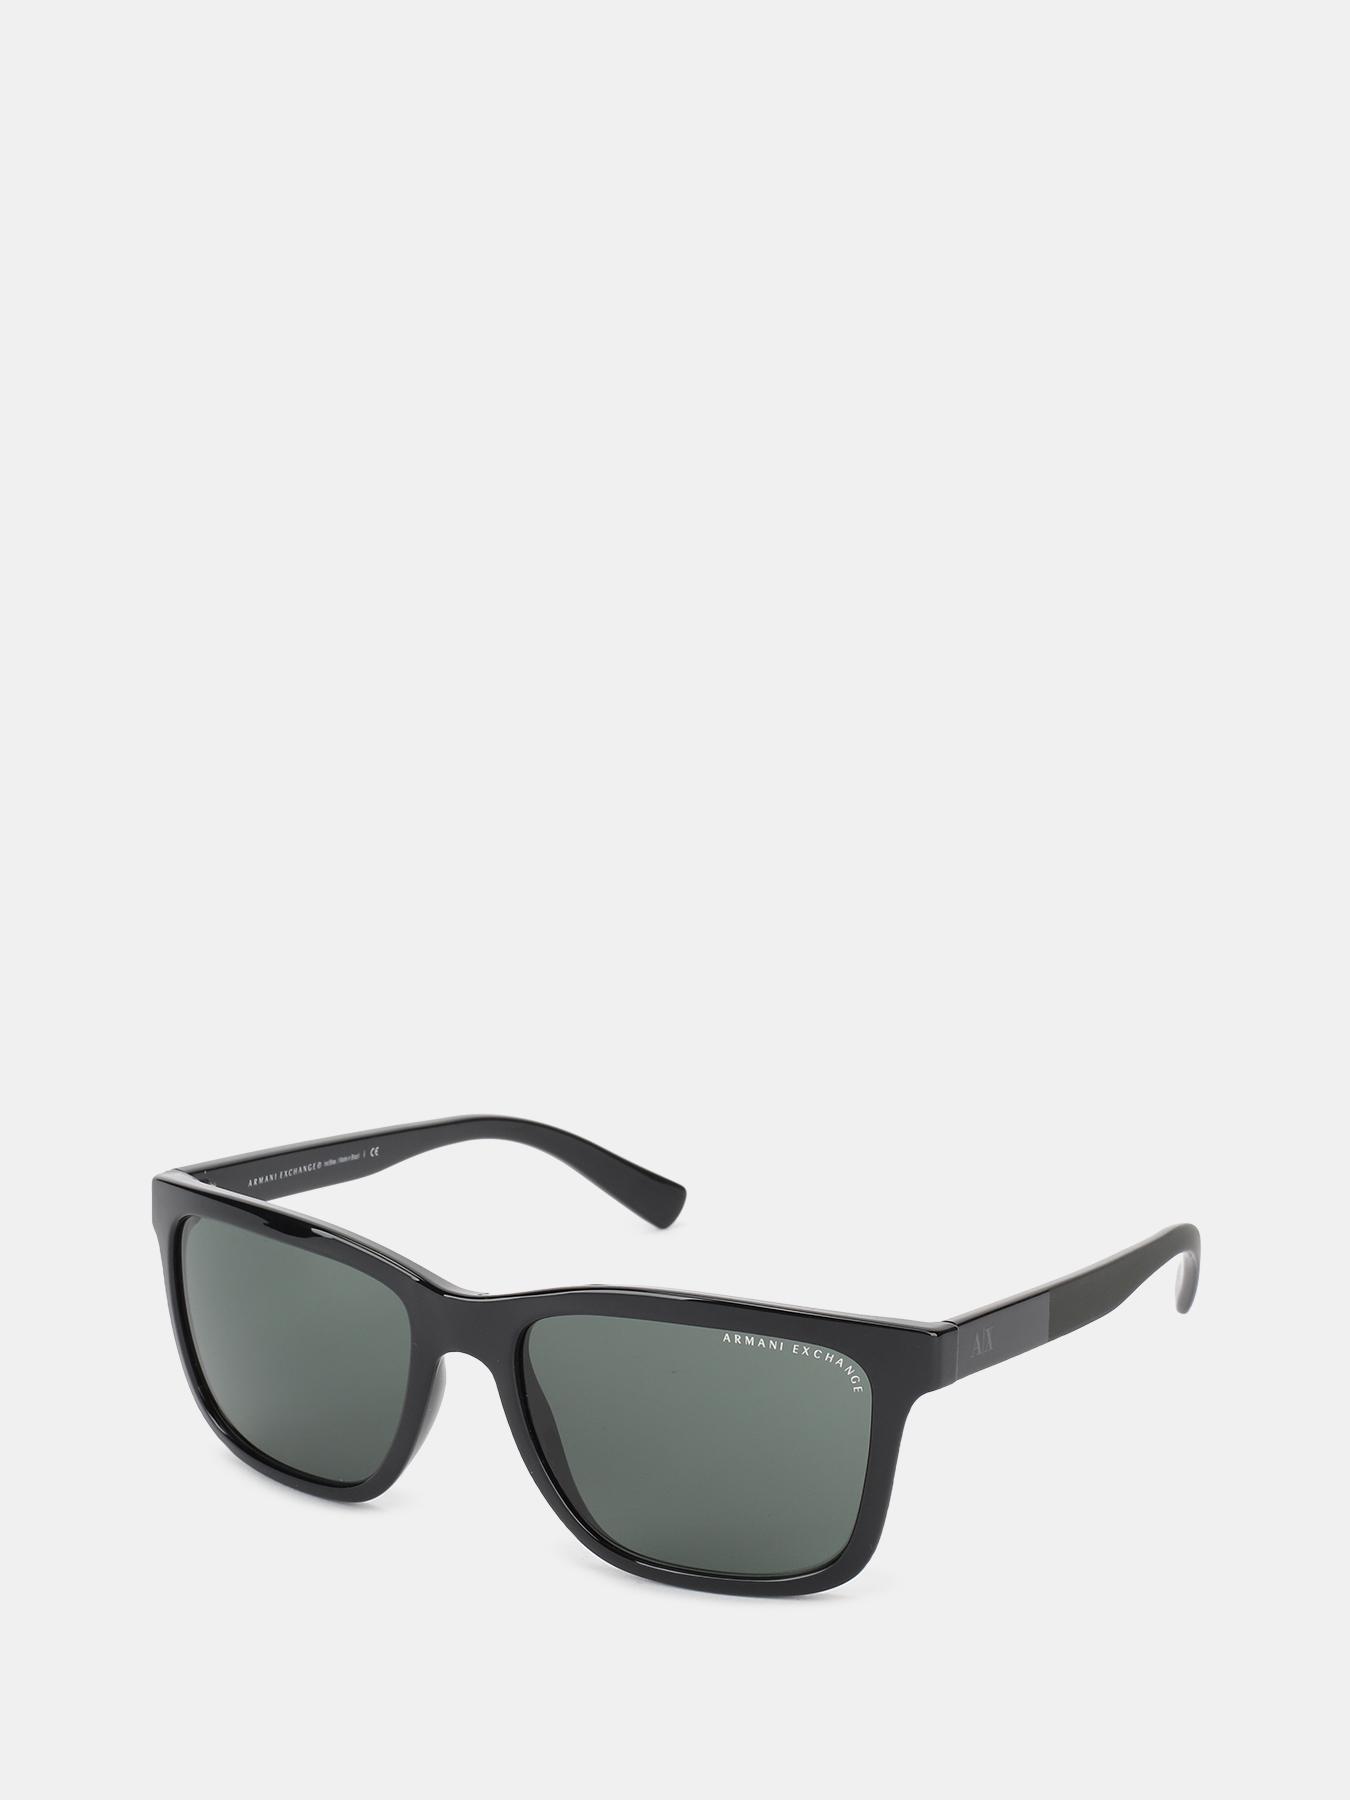 Очки Armani Exchange Солнцезащитные очки солнцезащитные очки kameo bis солнцезащитные очки